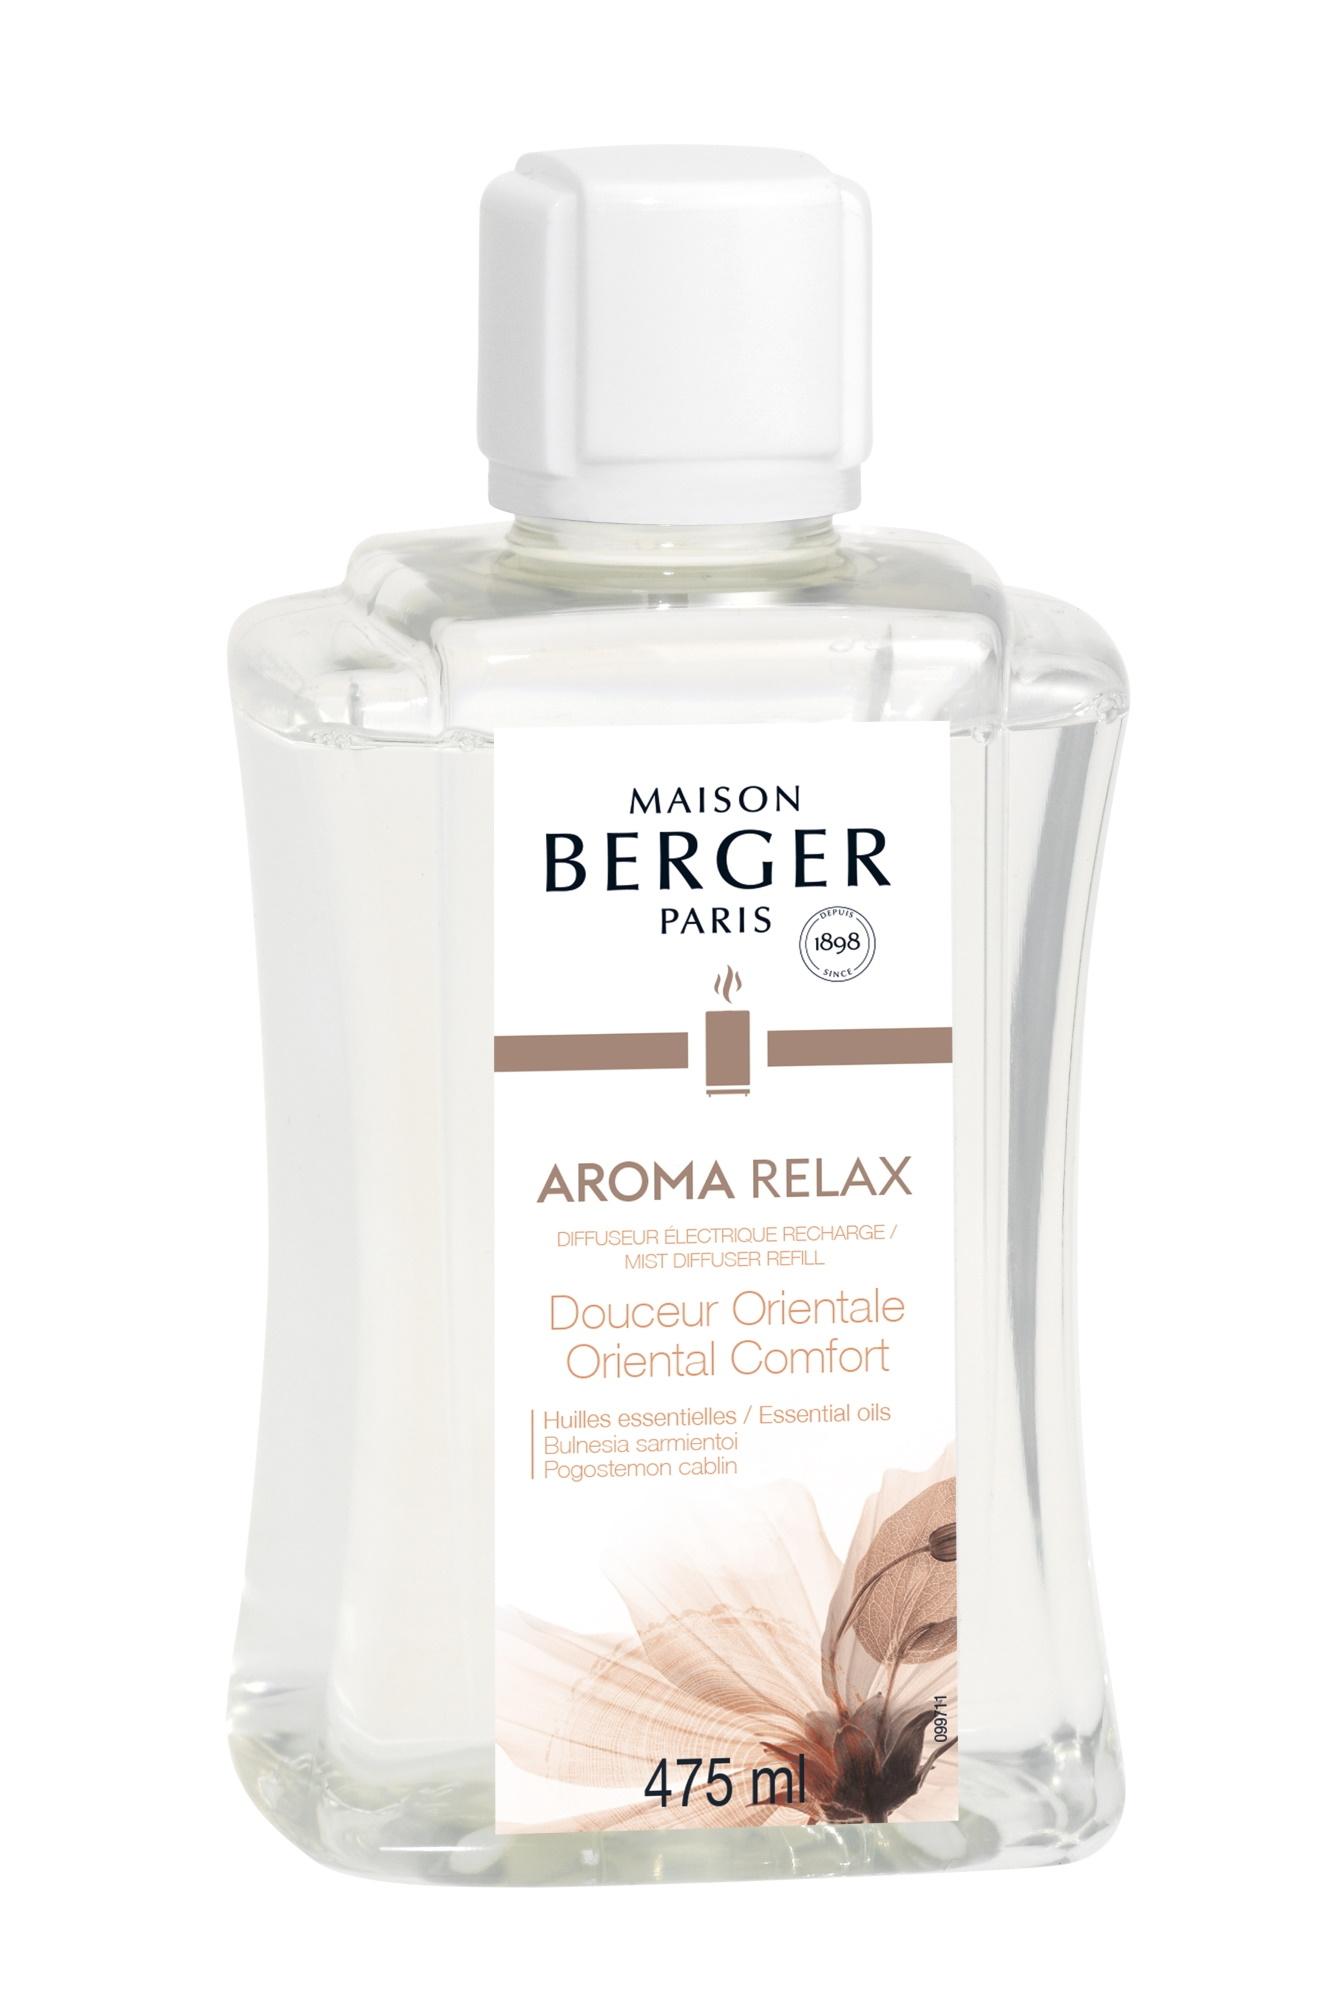 Parfum pentru difuzor ultrasonic Berger Aroma Relax - Douceur Orientale 475ml poza